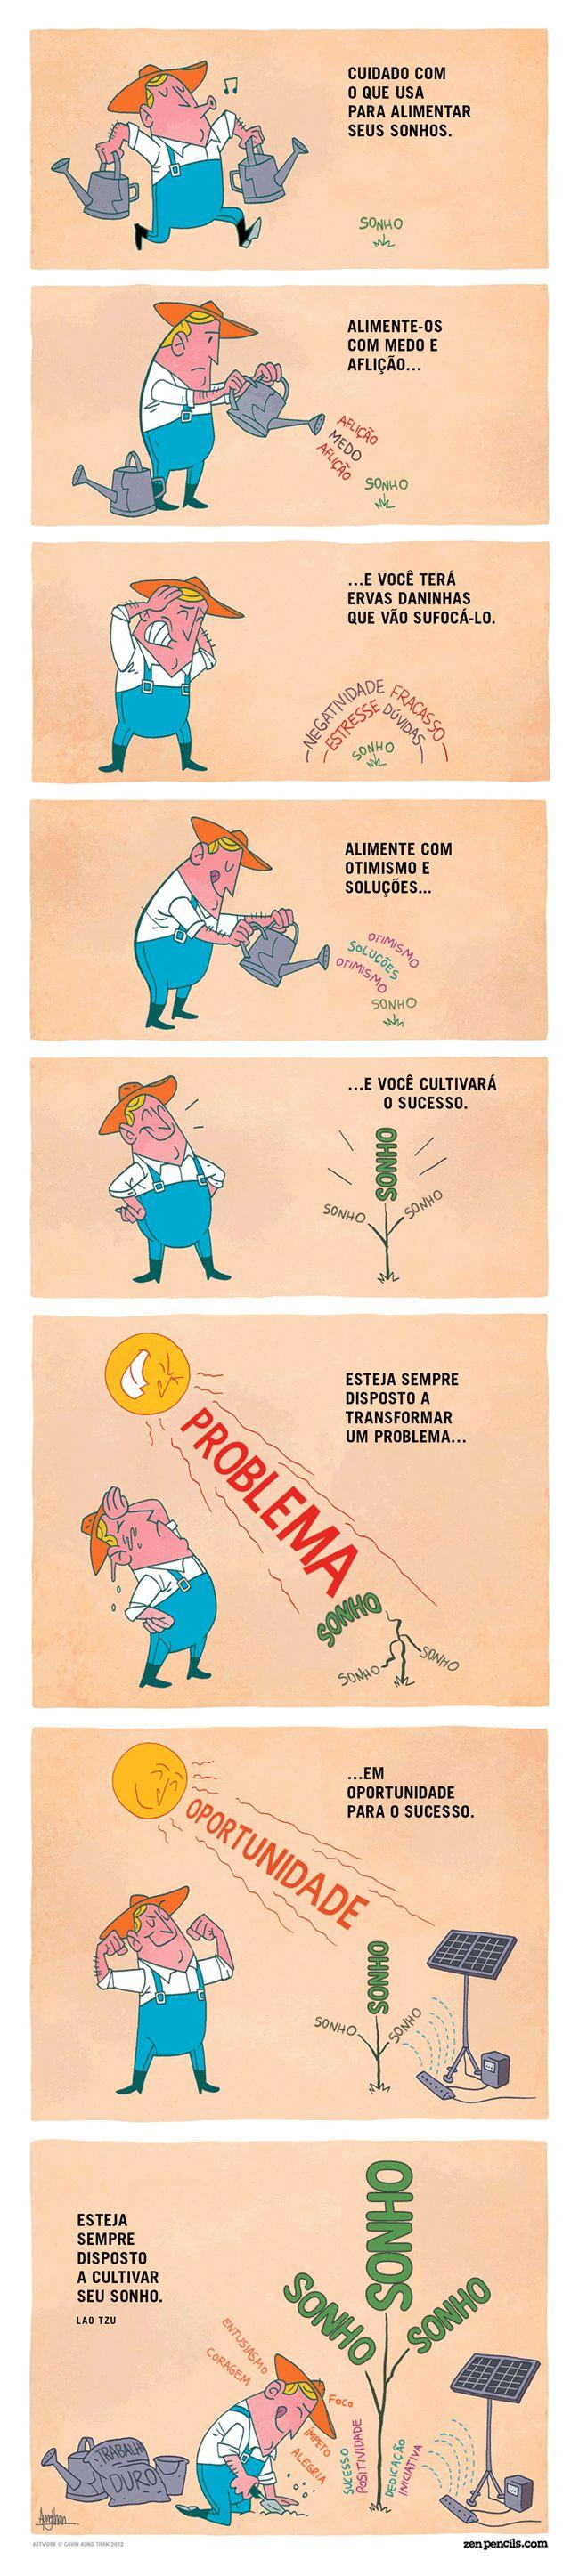 Satirinhas - Quadrinhos, tirinhas, curiosidades e muito mais! - Part 156